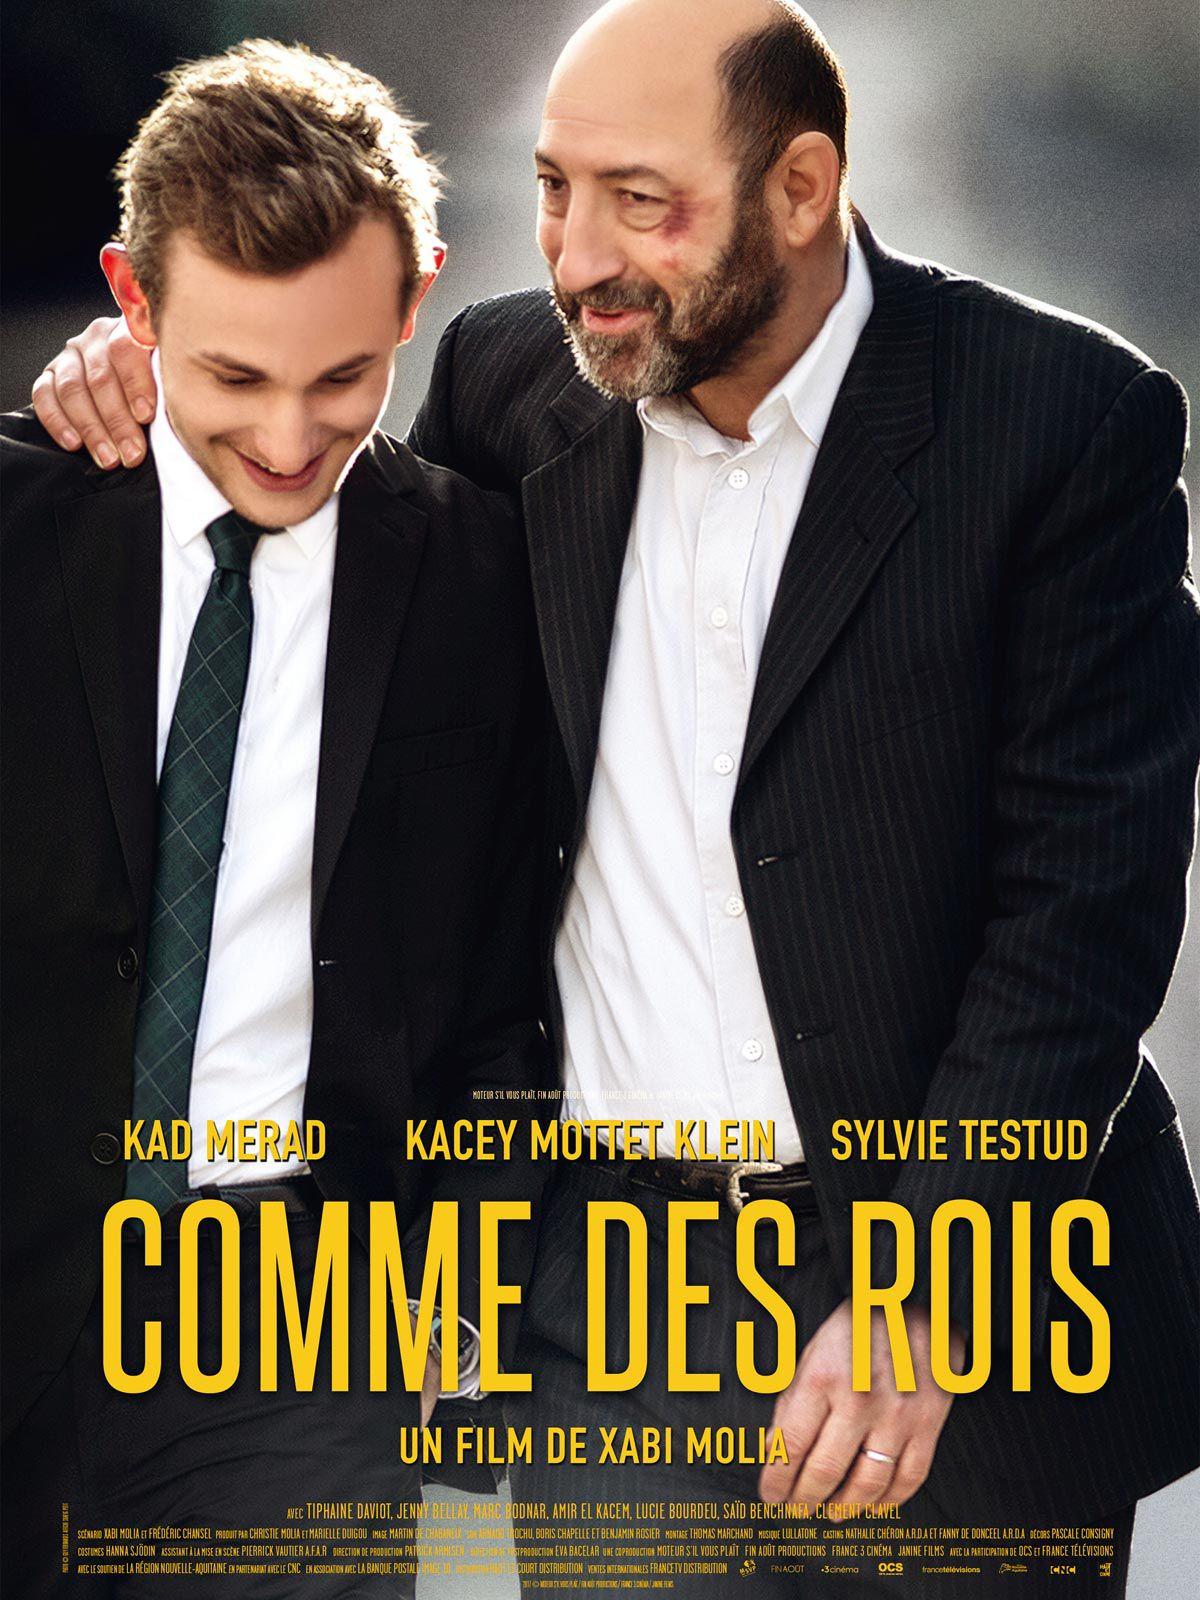 Comme des rois - Film (2018)